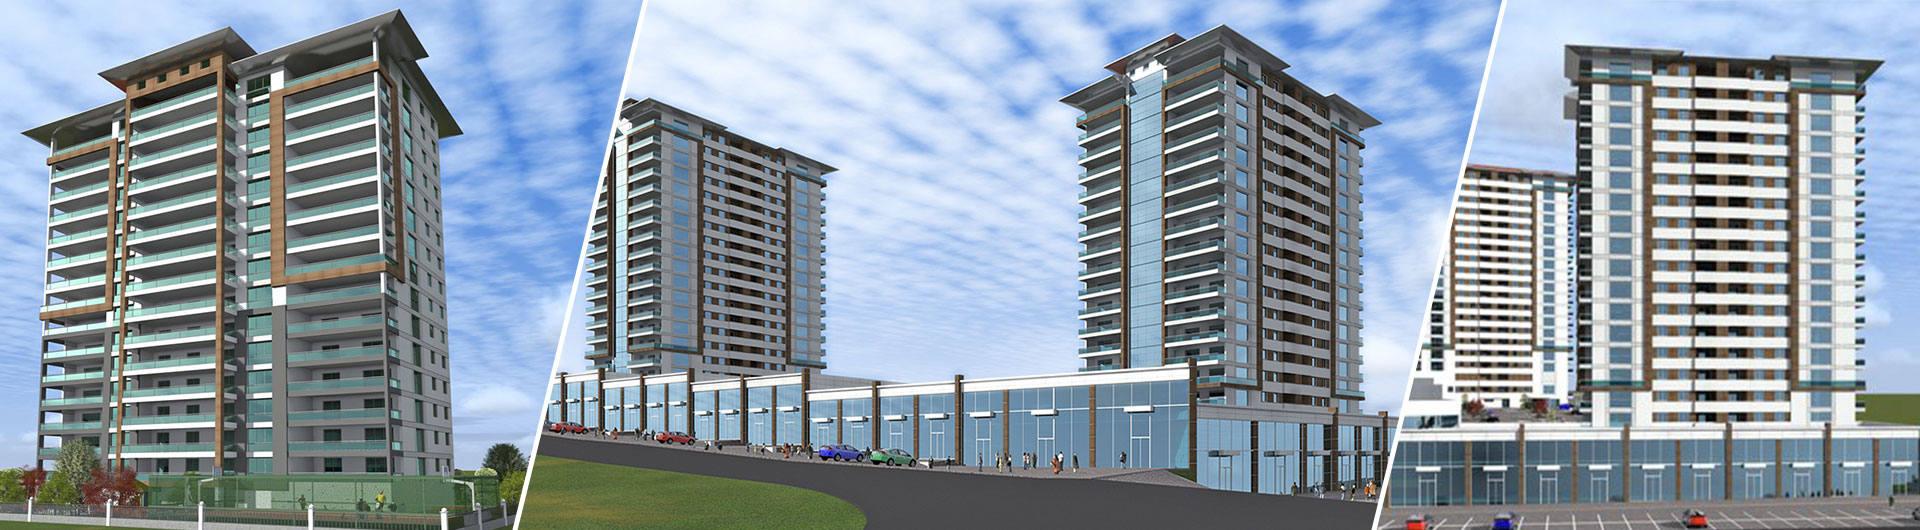 Üçgen Mimarlık İnşaat Meydan Plaza Konut Projesi arkaplan